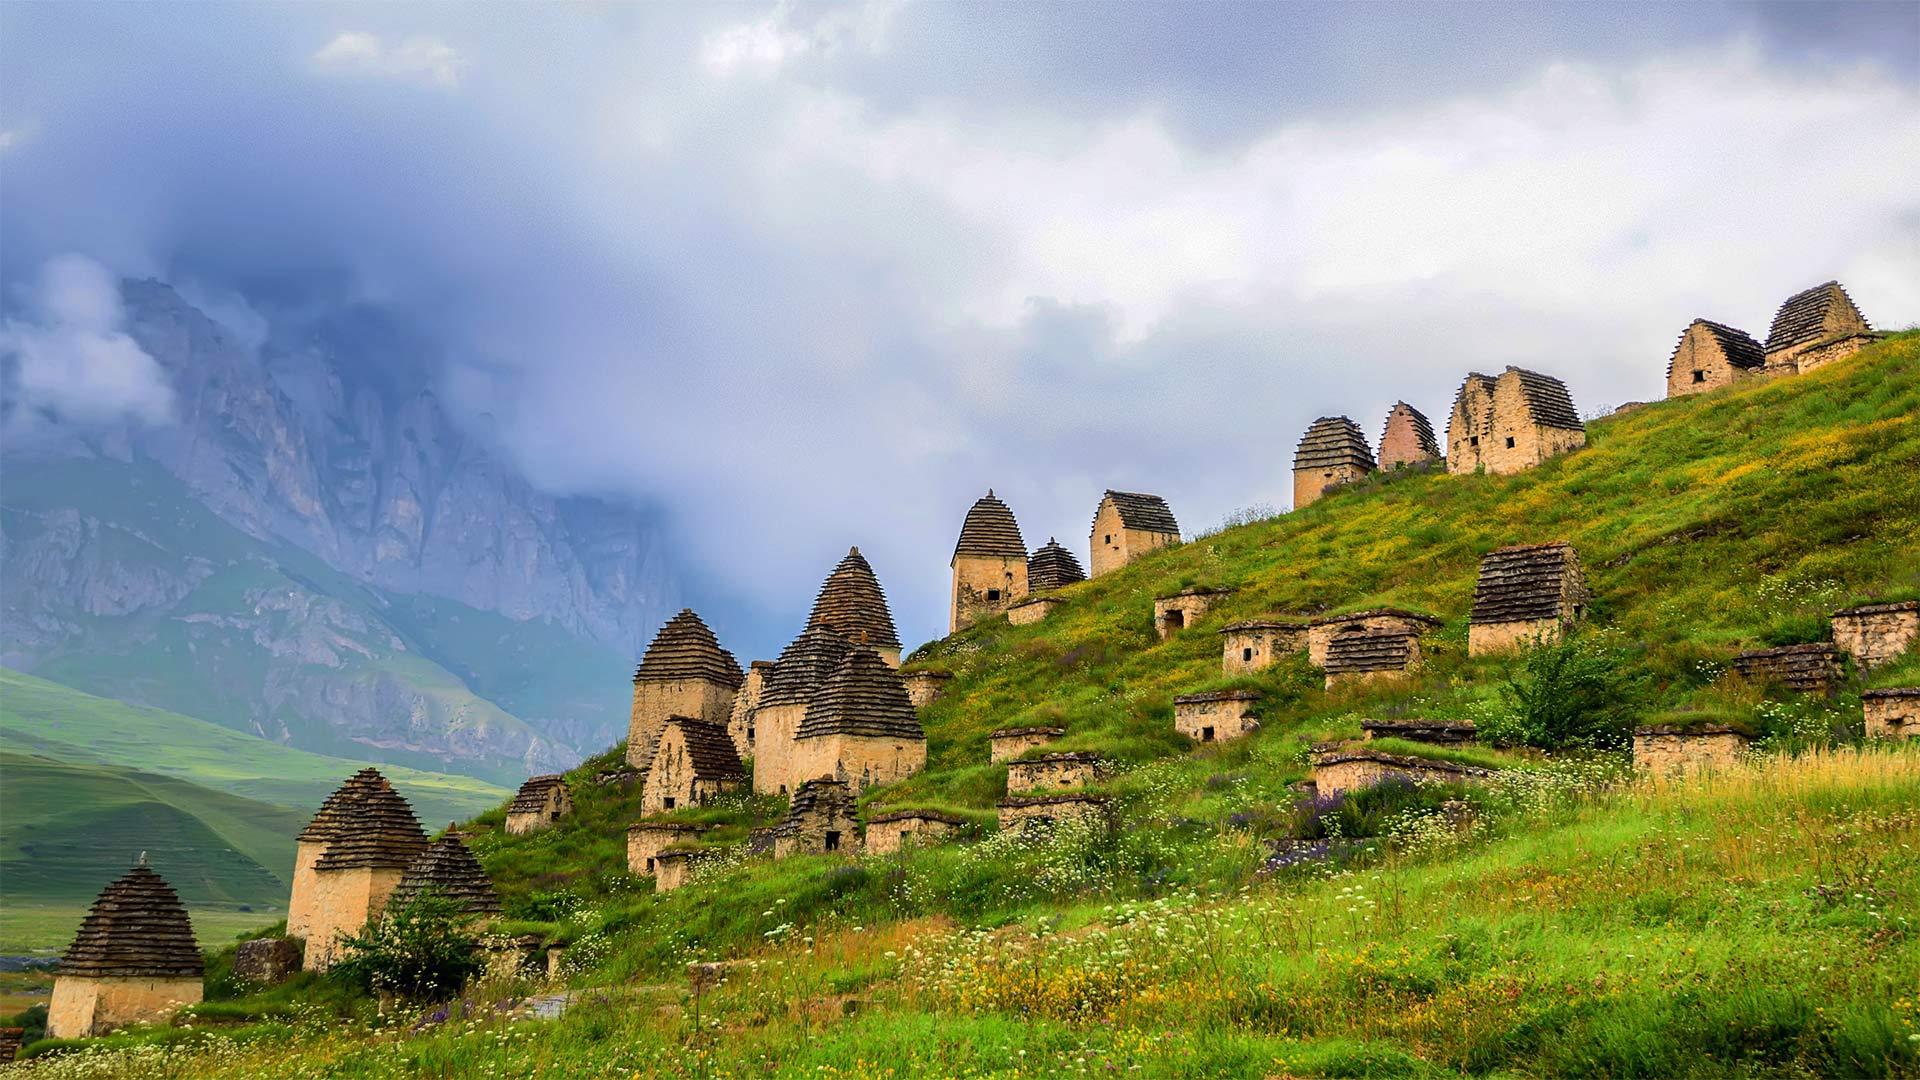 北奥塞梯-阿兰共和国的一片墓地,俄罗斯 (© Yakov Oskanov/Shutterstock)